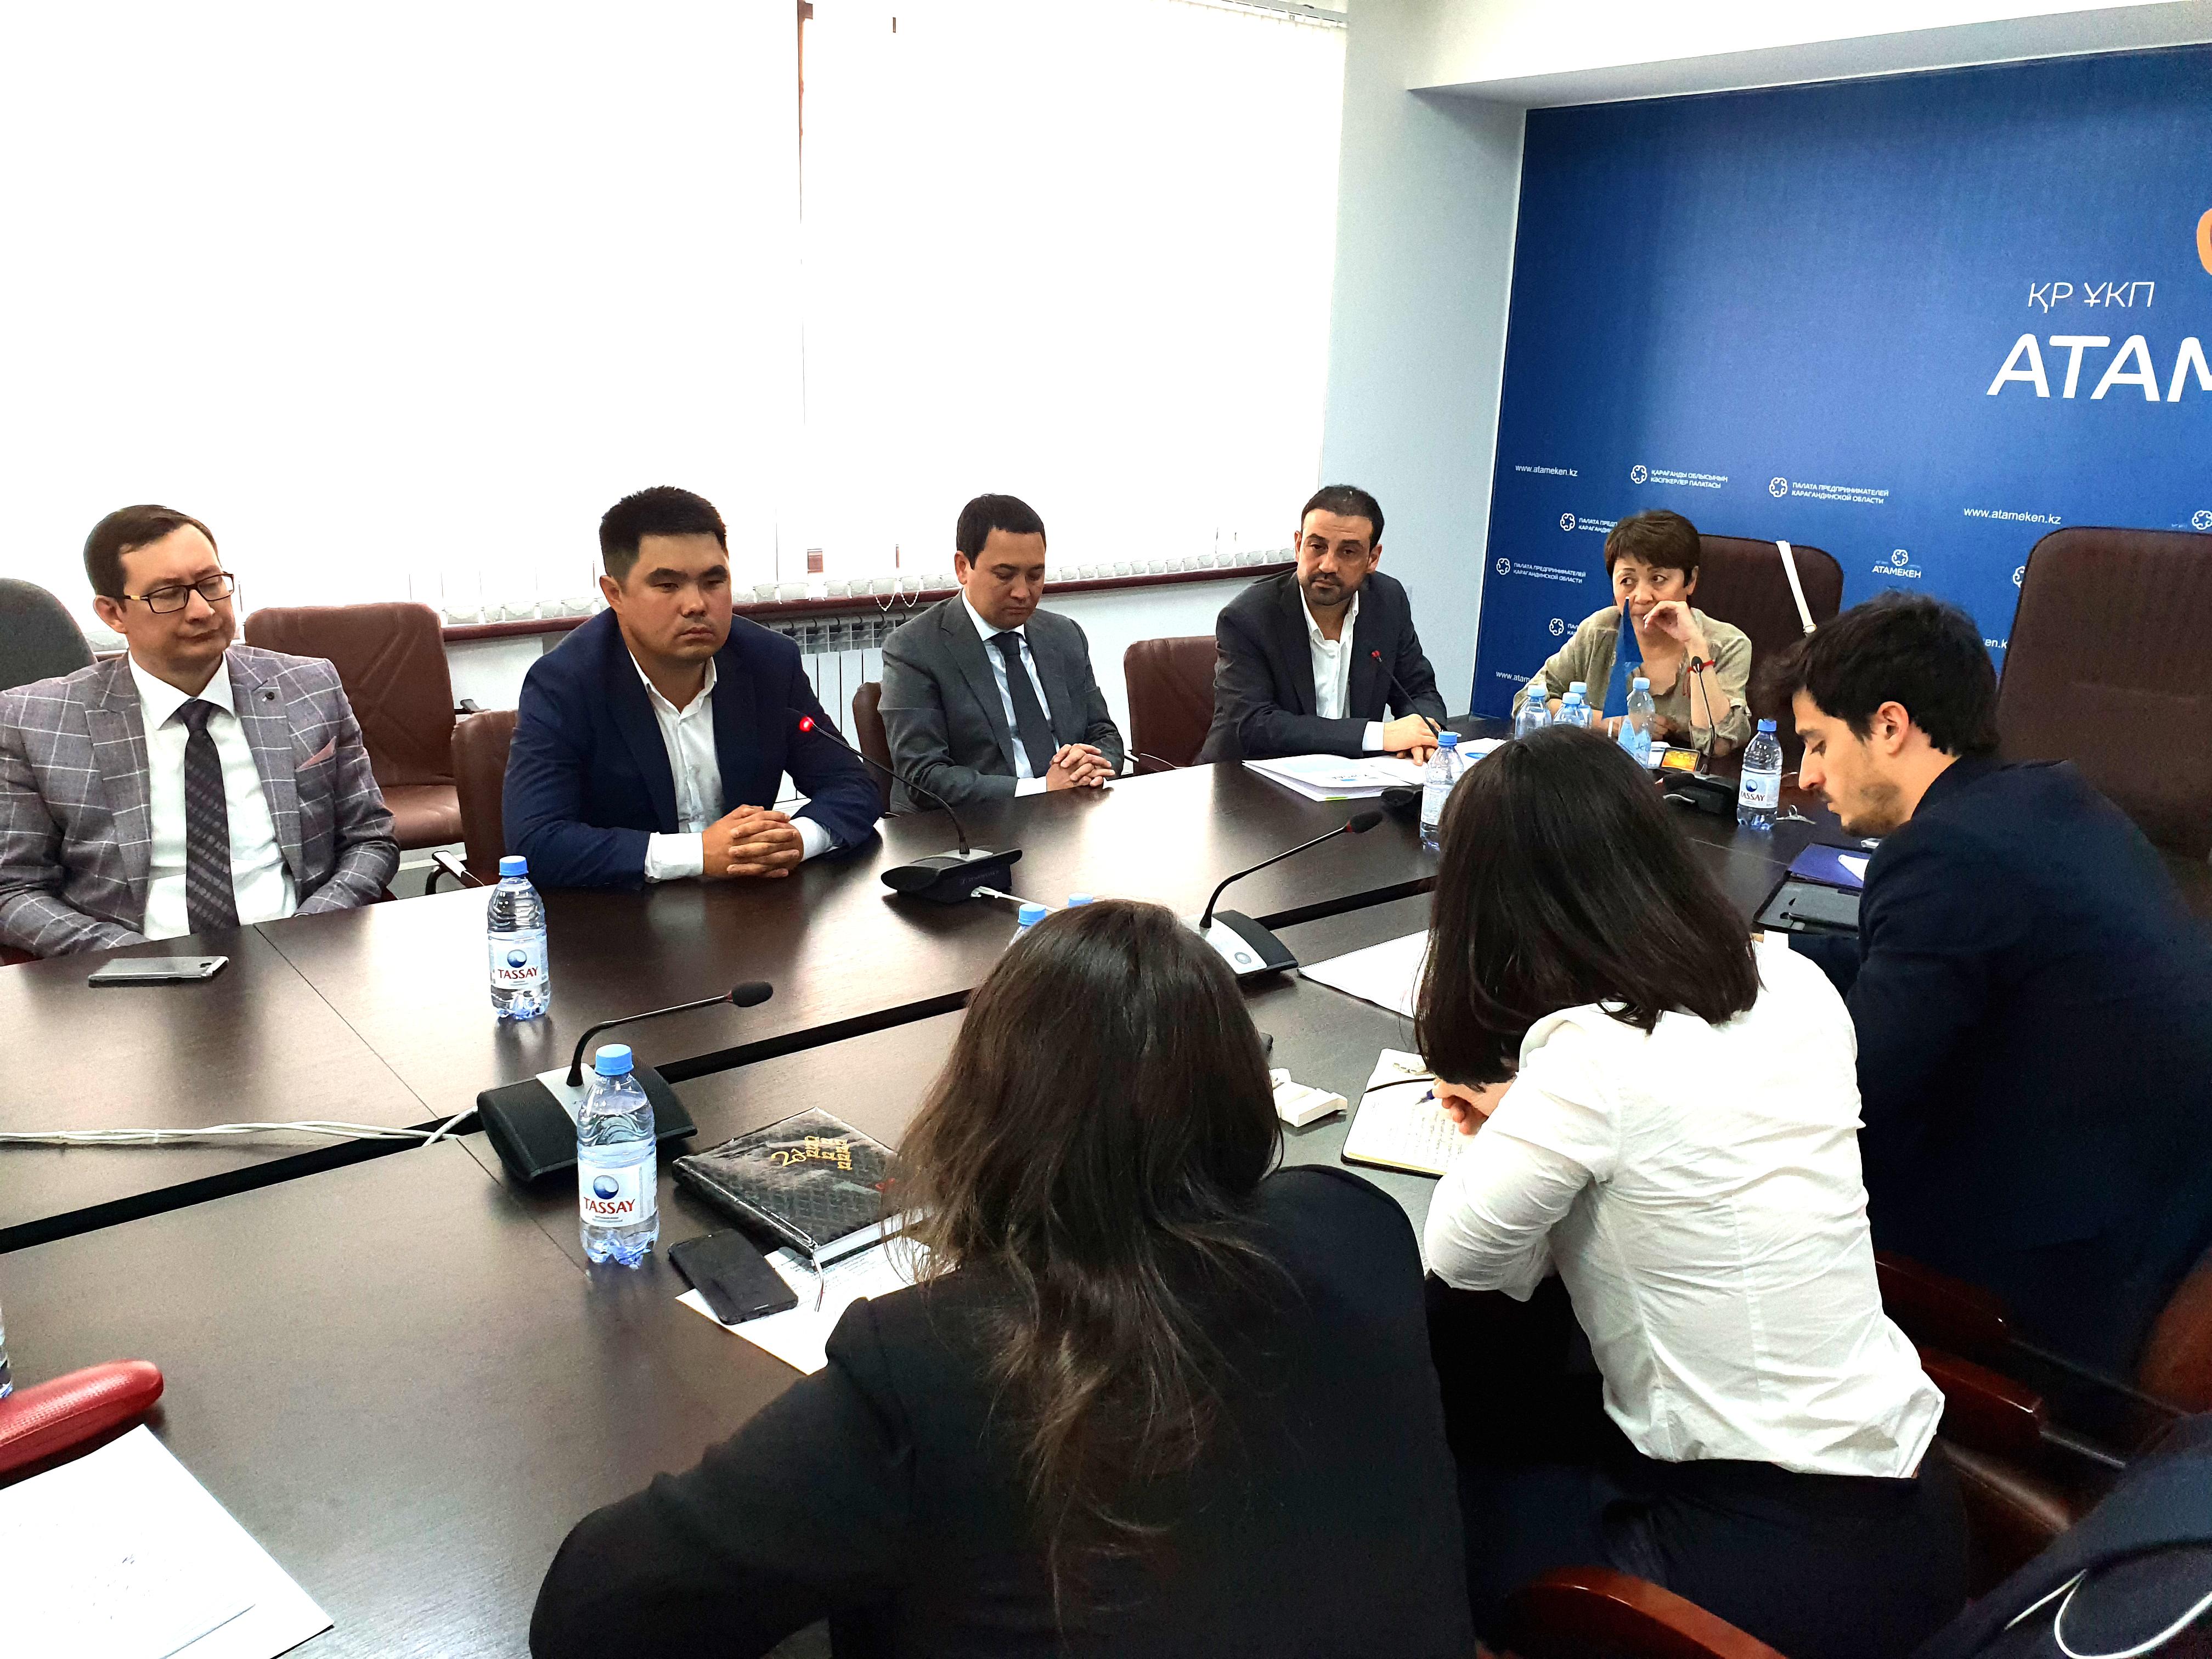 Reunión con empresas de kazajistán